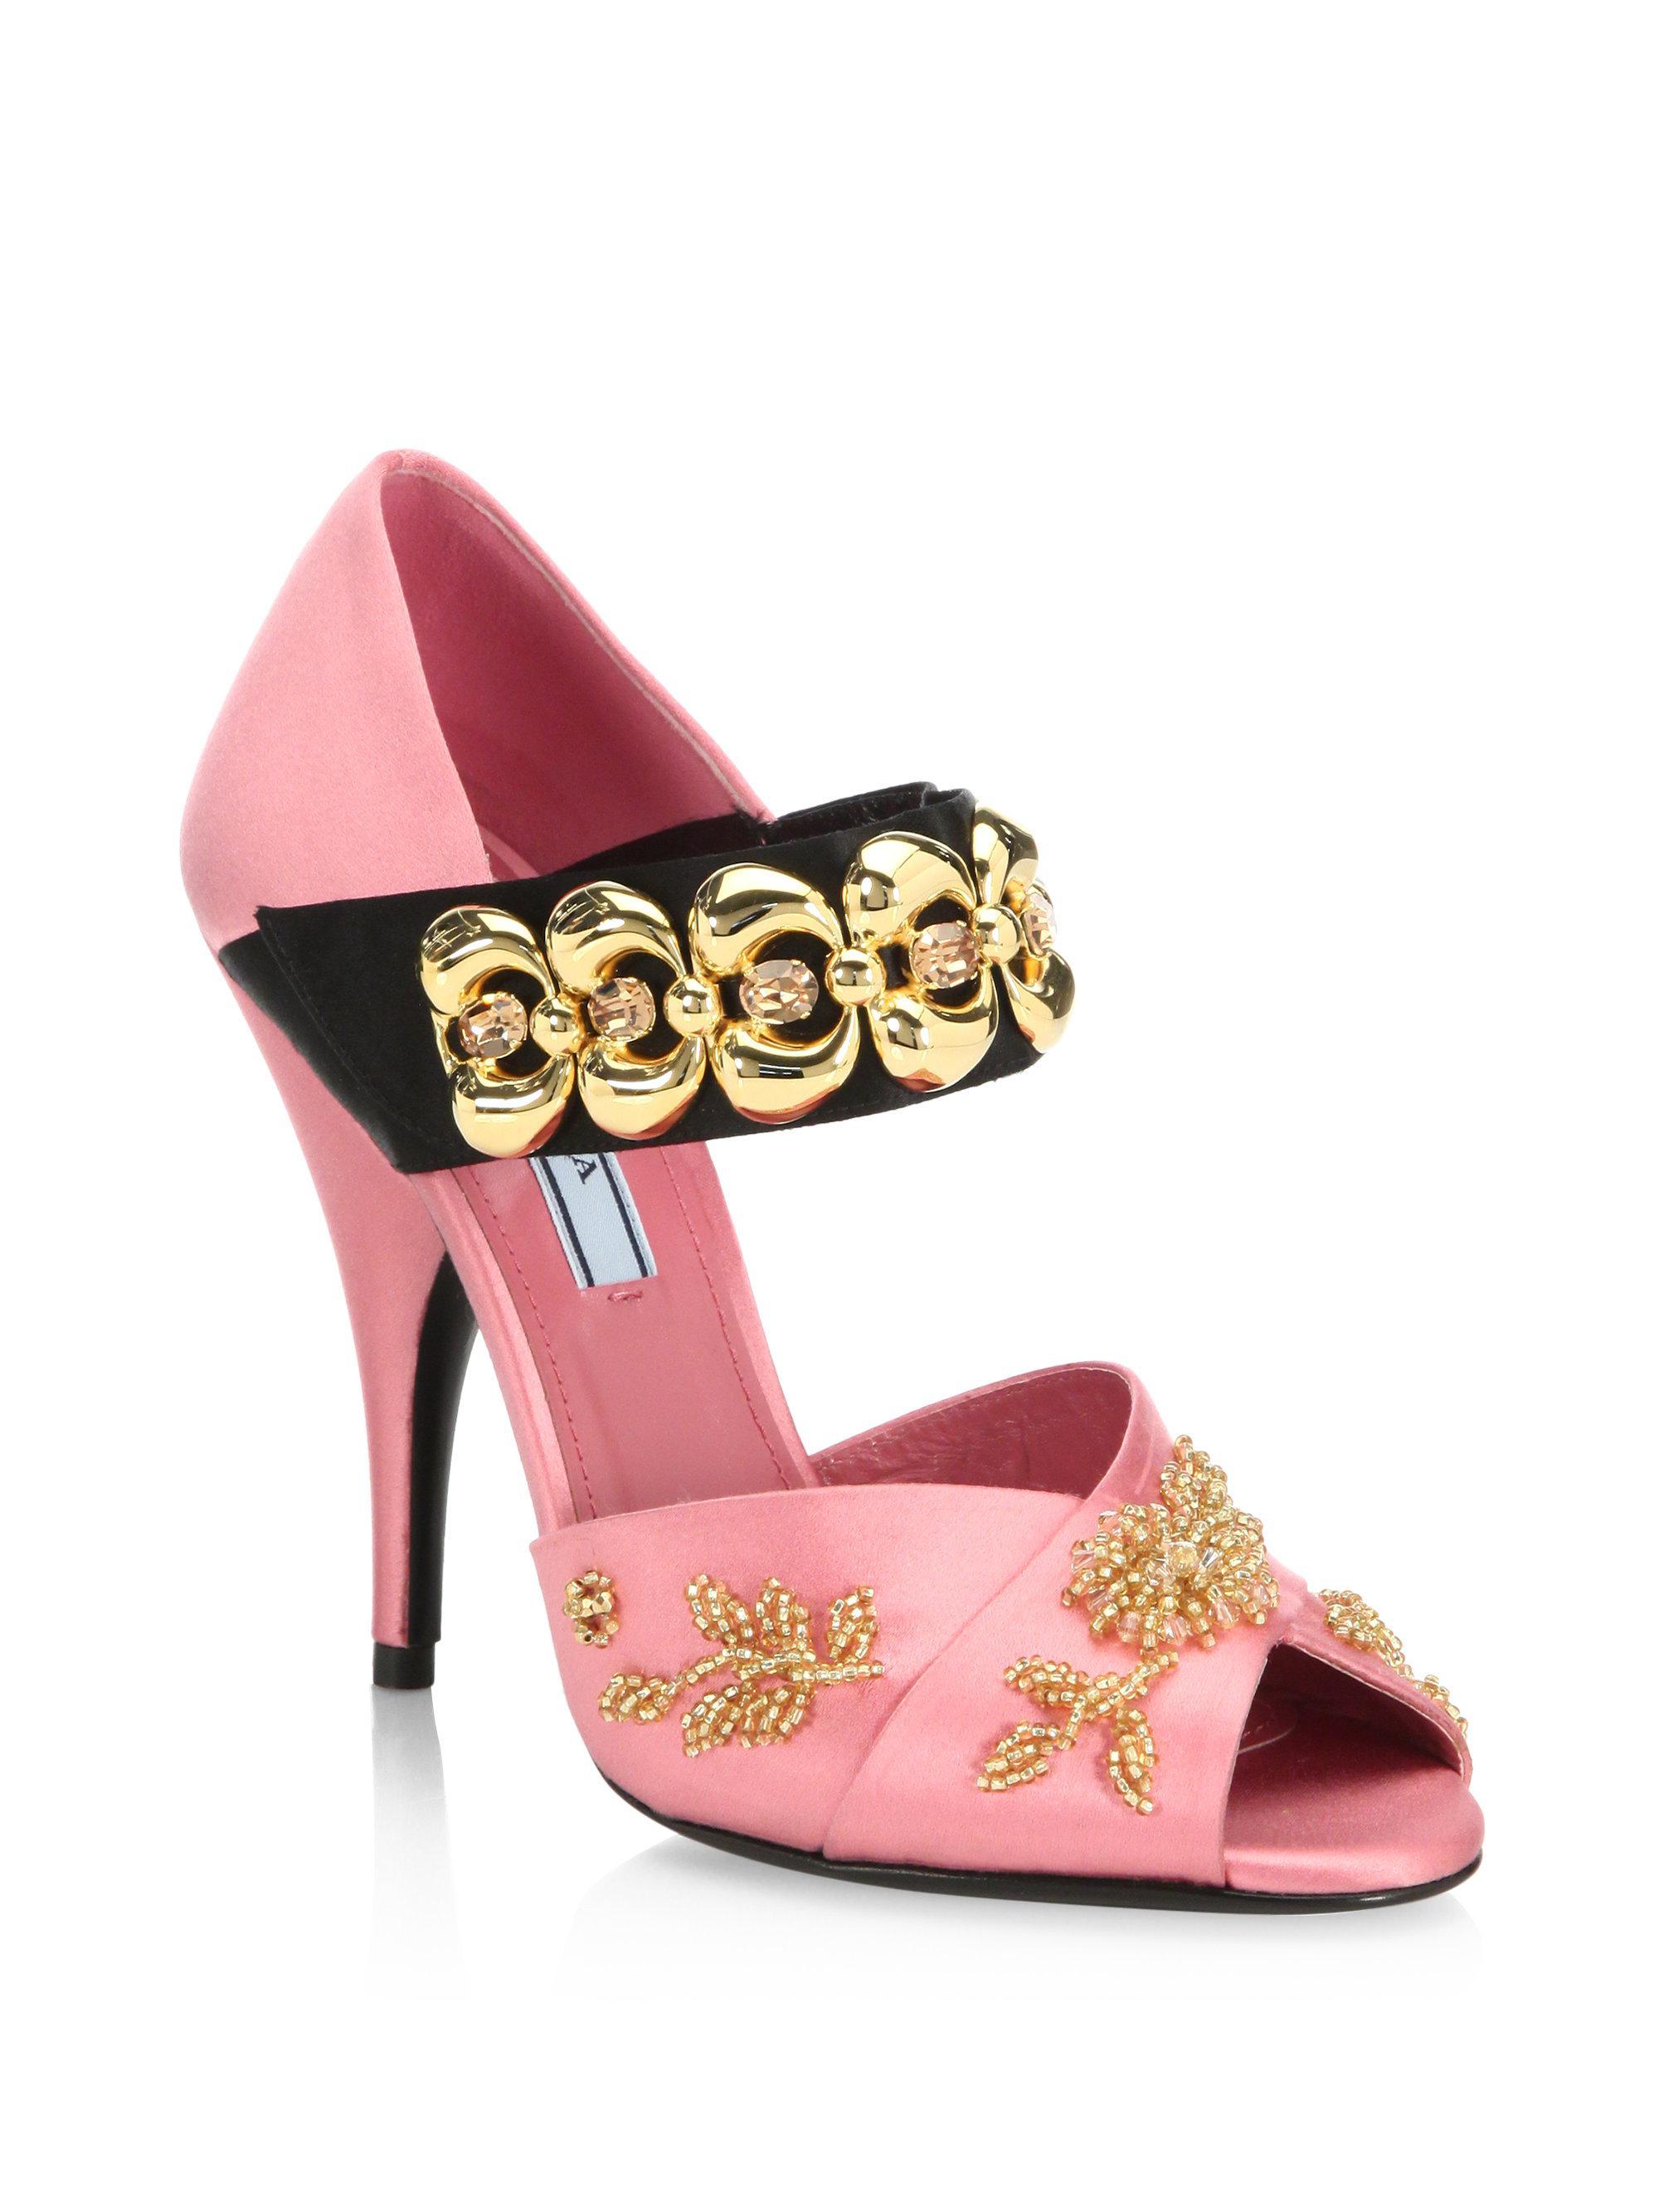 de3d3d1eed4 Lyst - Prada Bracelet-strap Embellished Satin Peep Toe Pumps in Pink